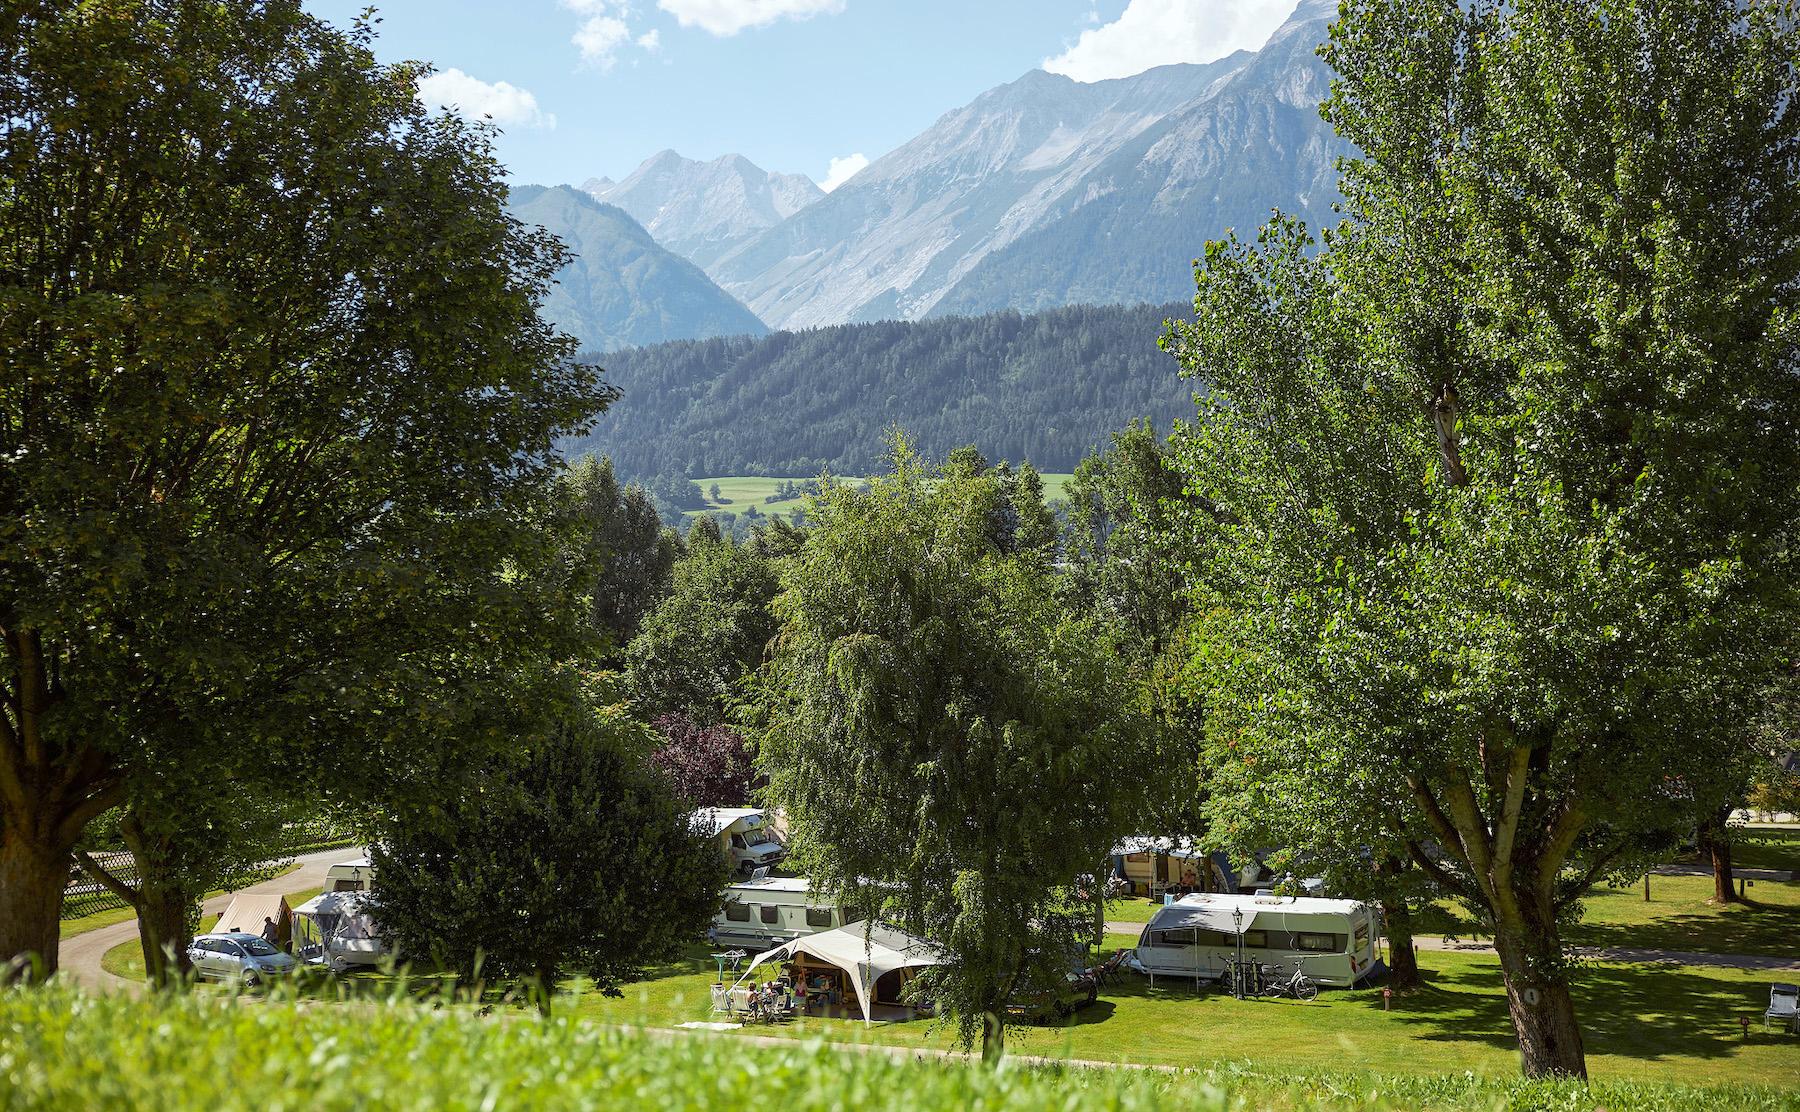 Schlosscamping Blick auf Campingplatz gegen Norden